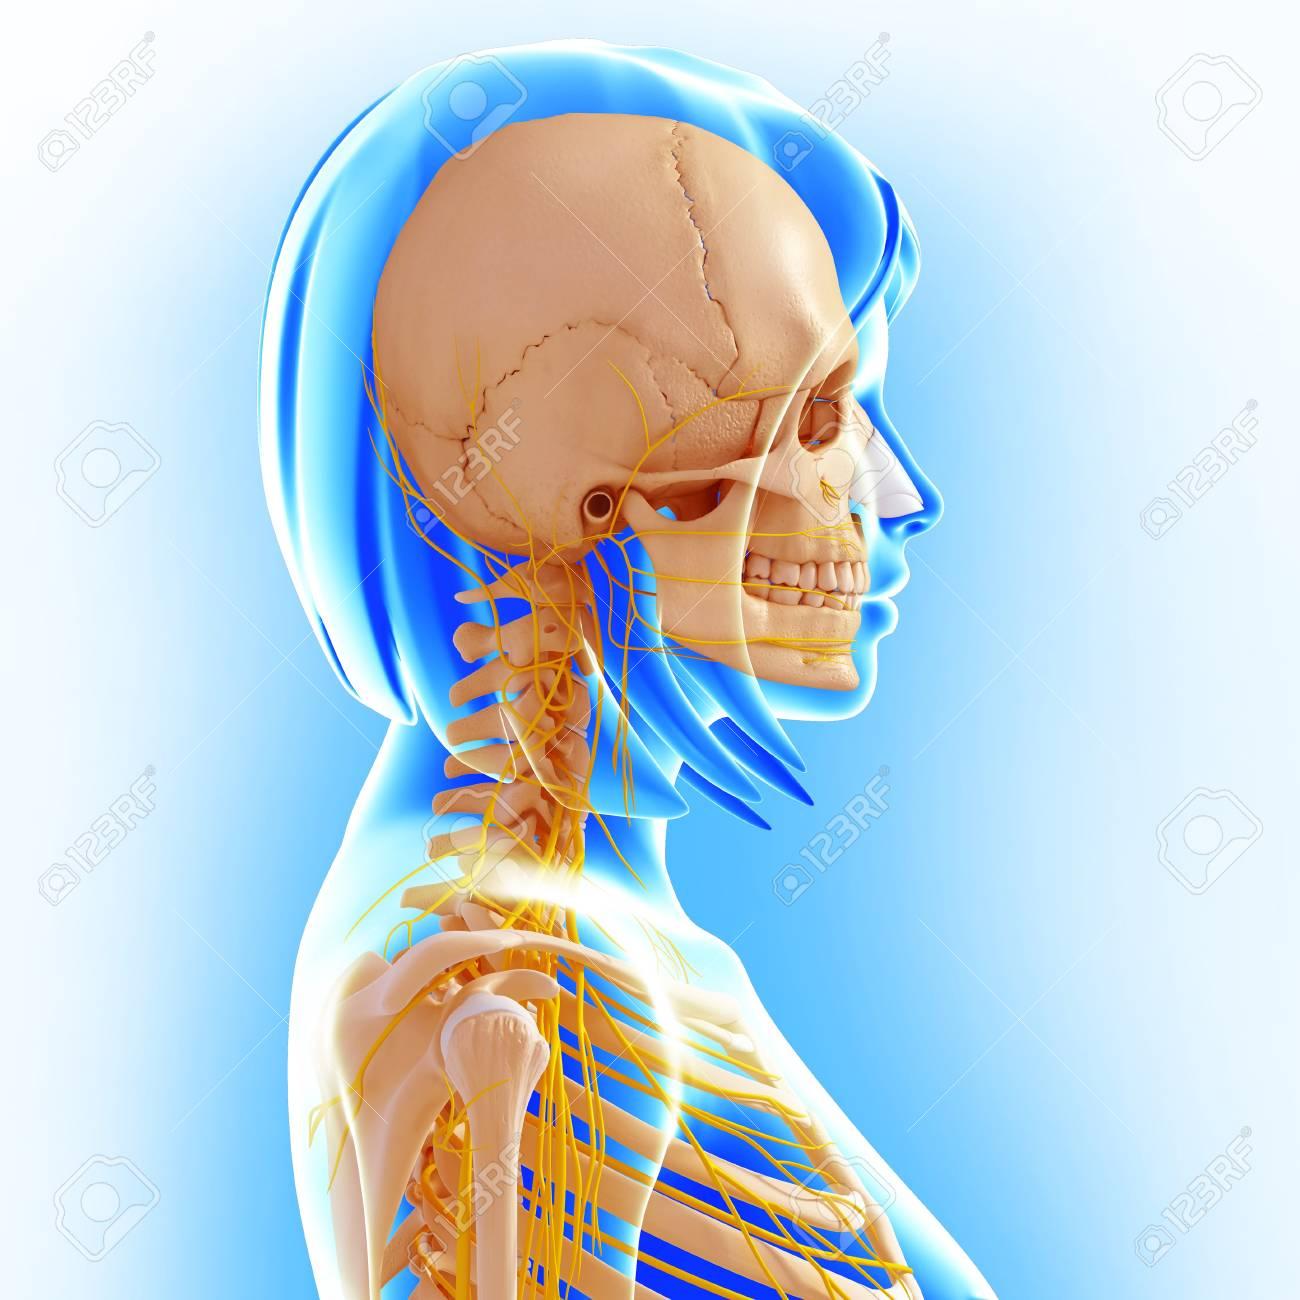 Groß Anatomie Oberkörper Galerie - Menschliche Anatomie Bilder ...